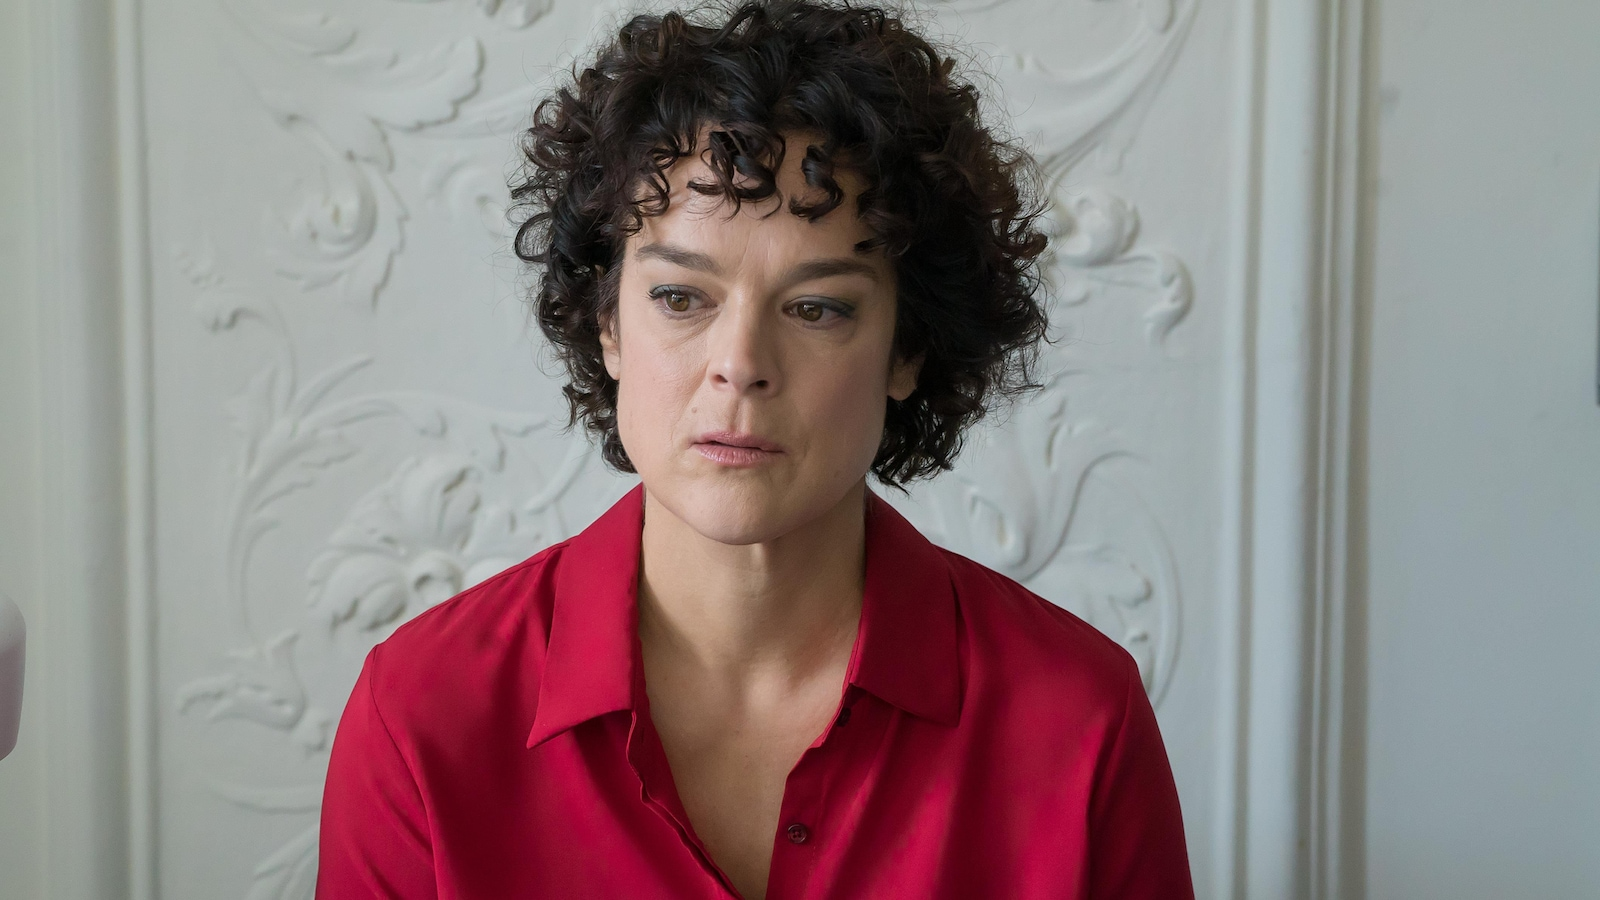 Tina est une femme aux cheveux frisés bruns. Elle porte un chemisier rouge.